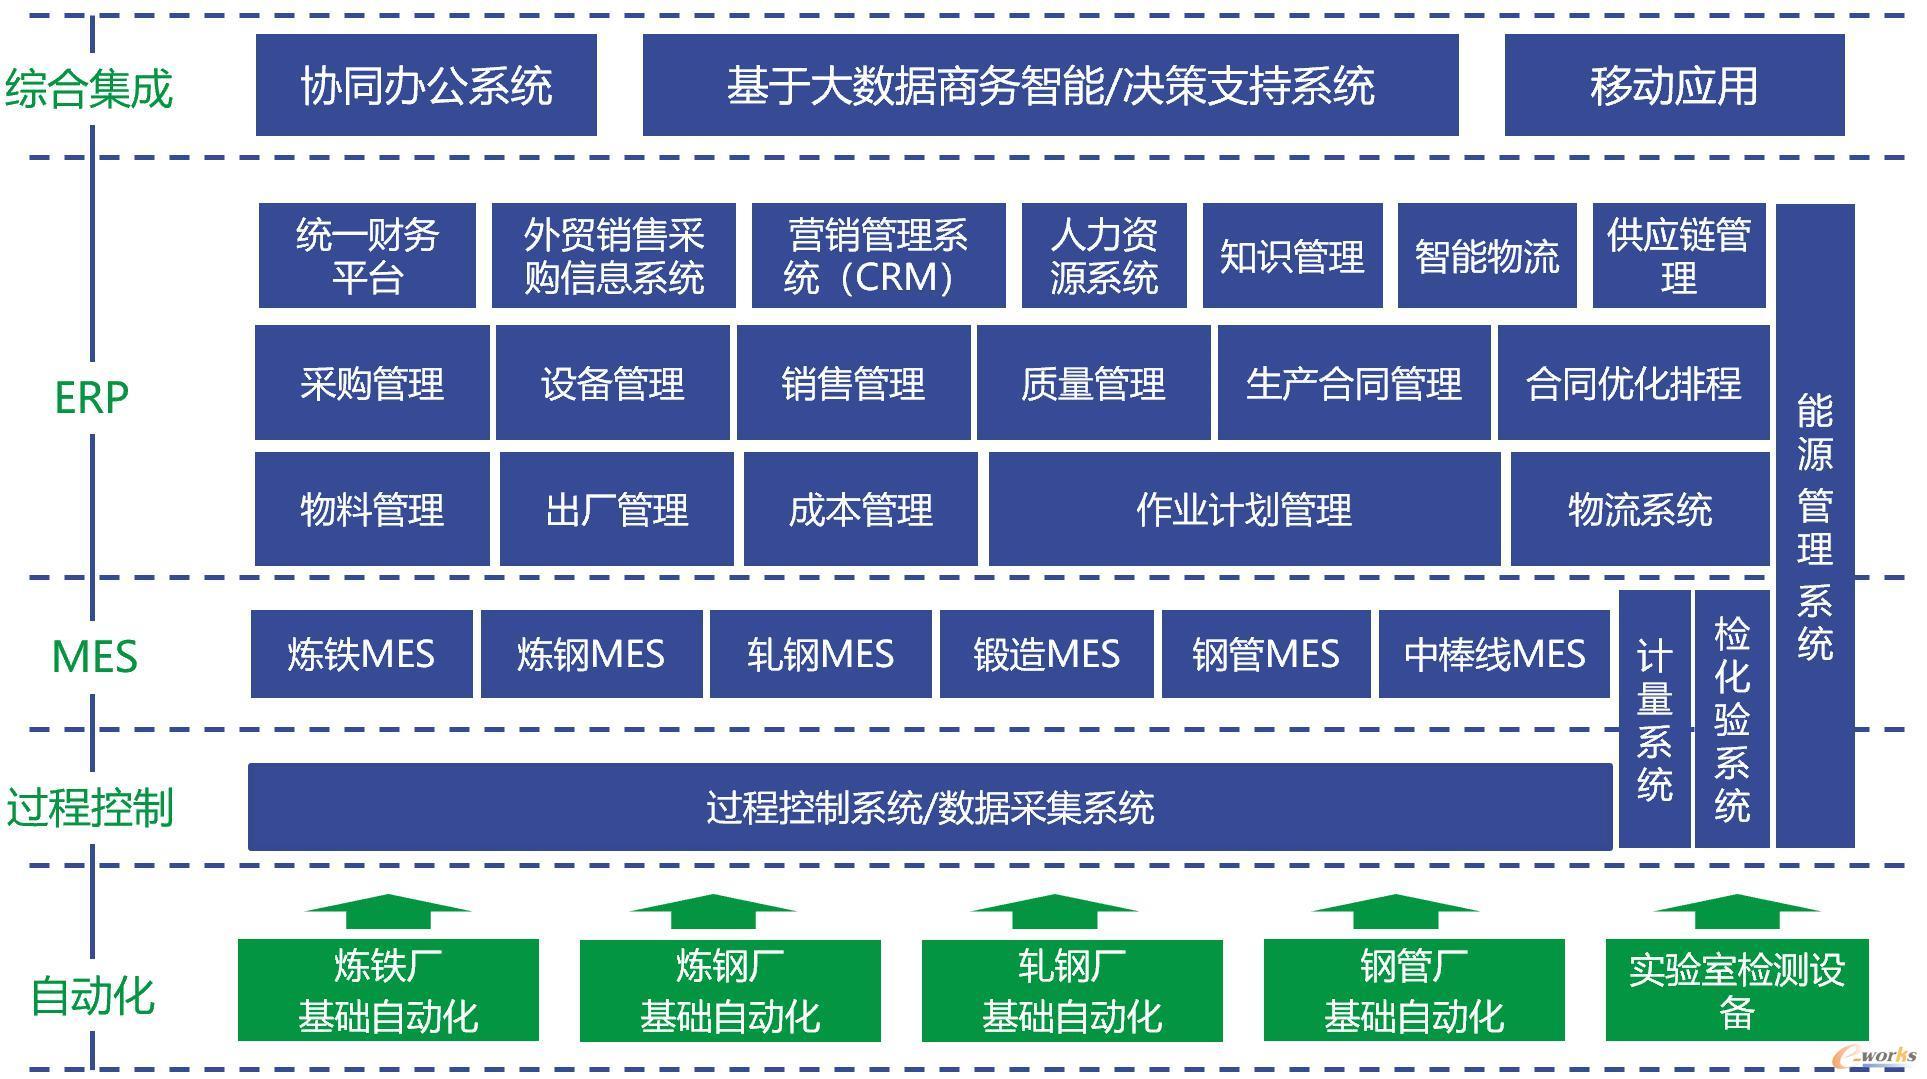 新冶钢信息化系统五级架构